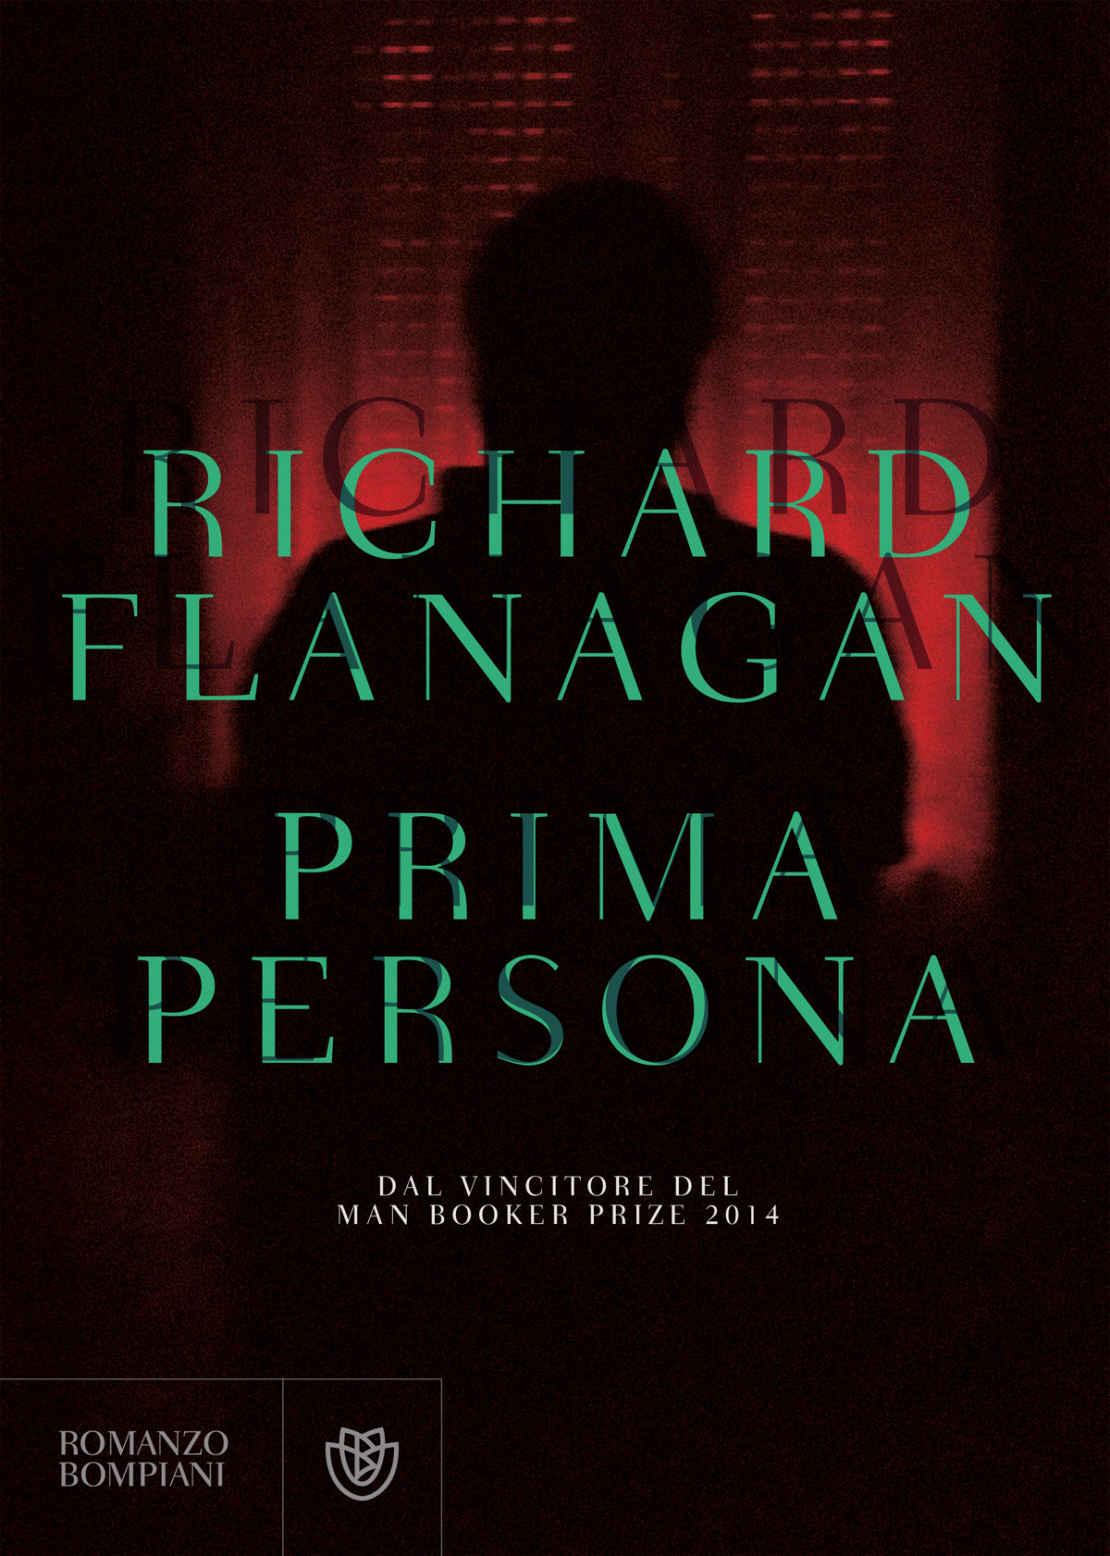 Recensione di Prima Persona – Richard Flanagan